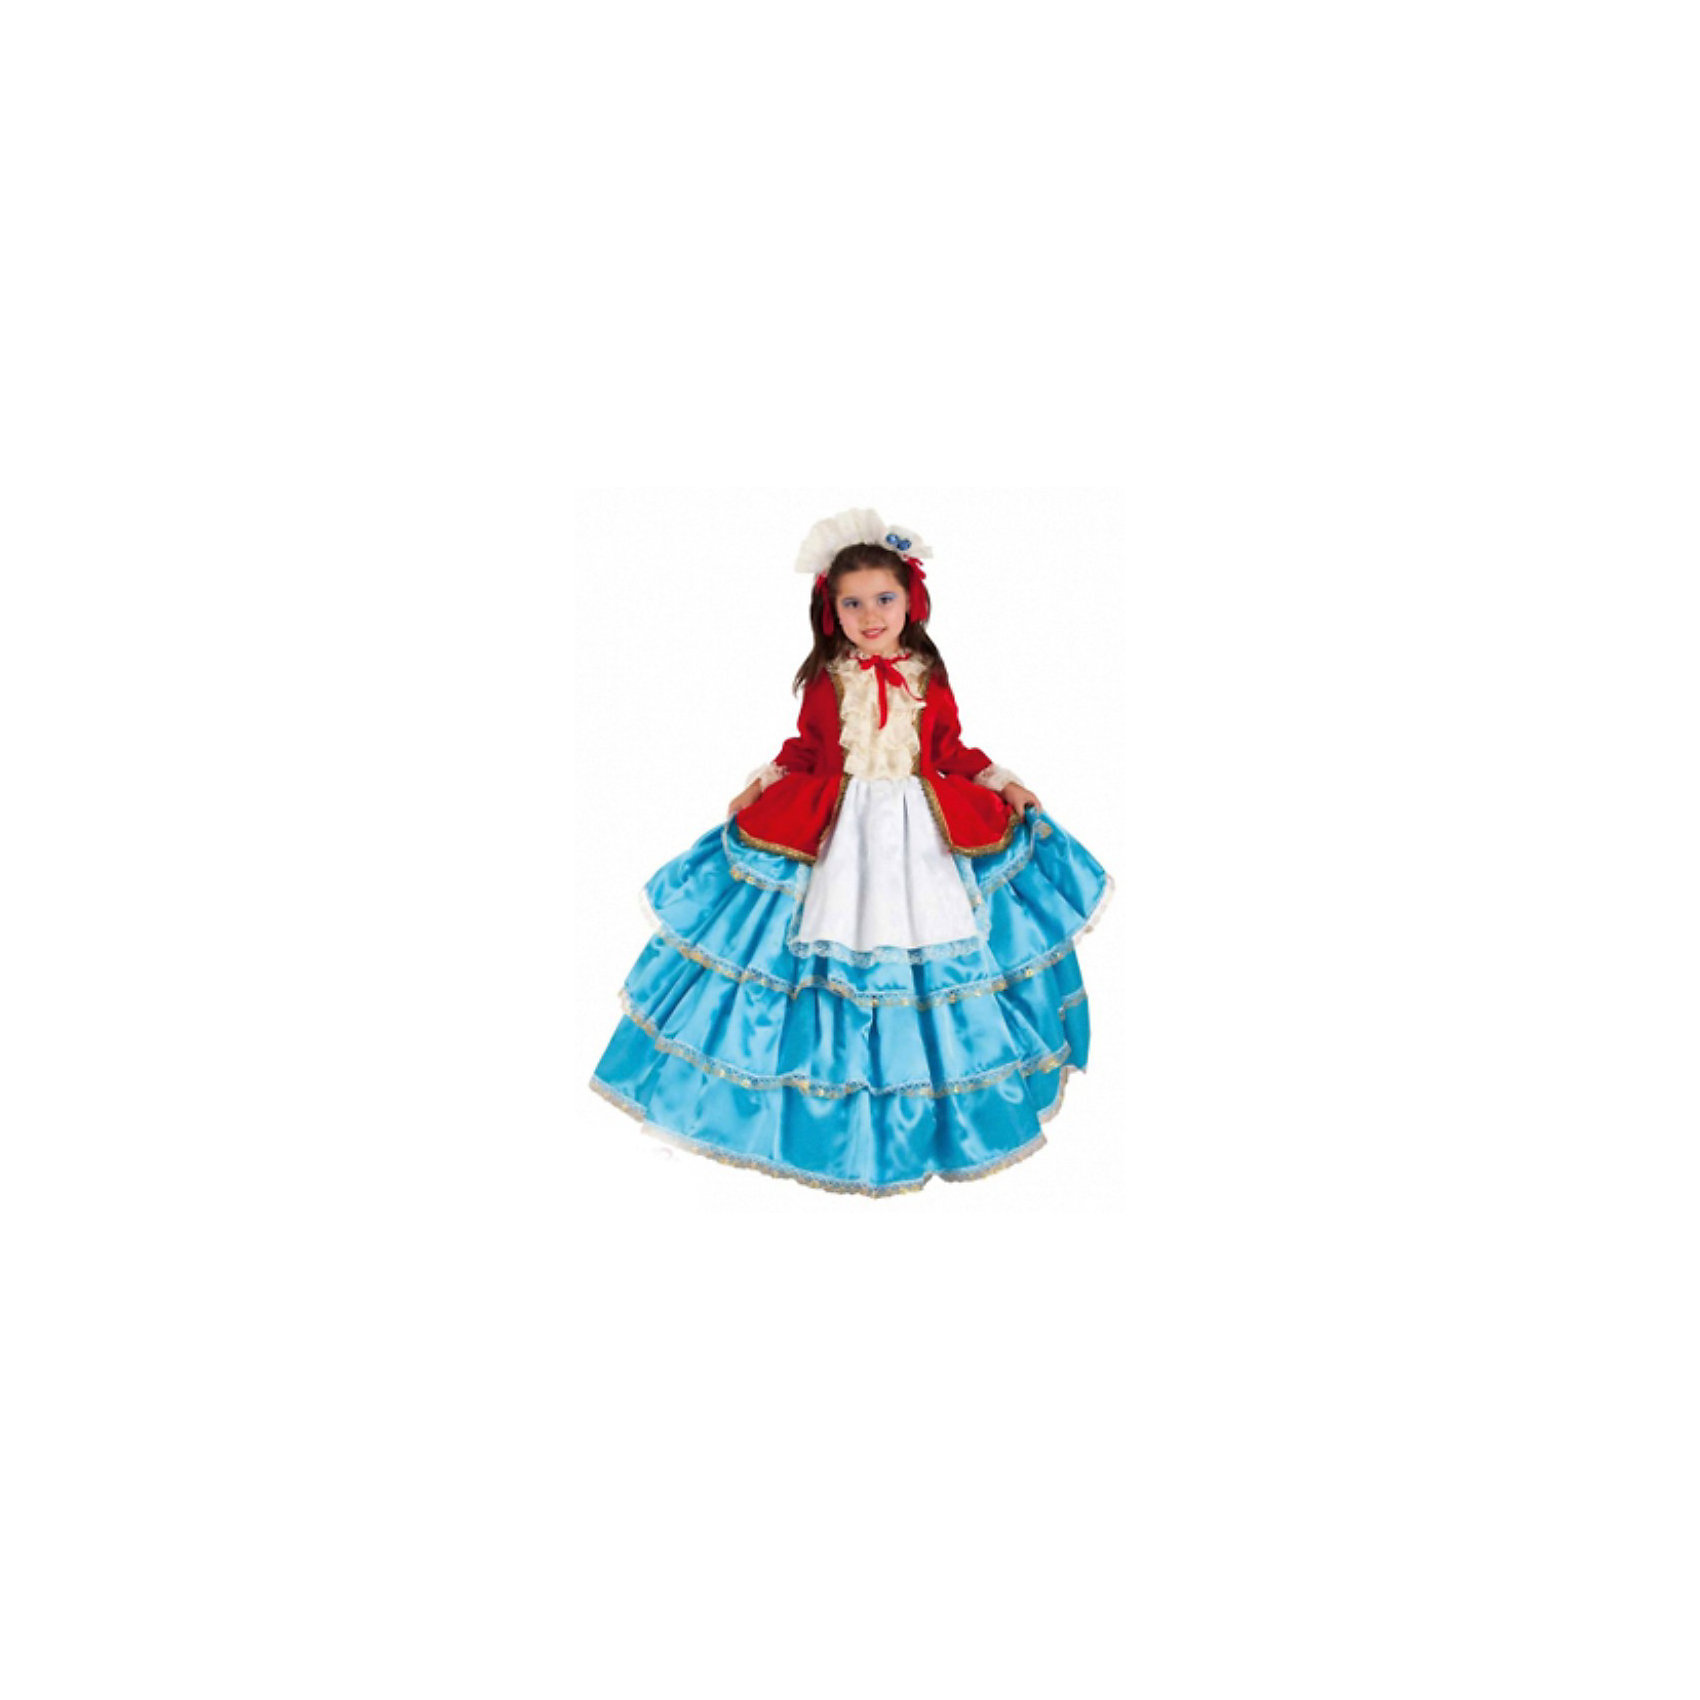 Карнавальный костюм Коломбина, Veneziano